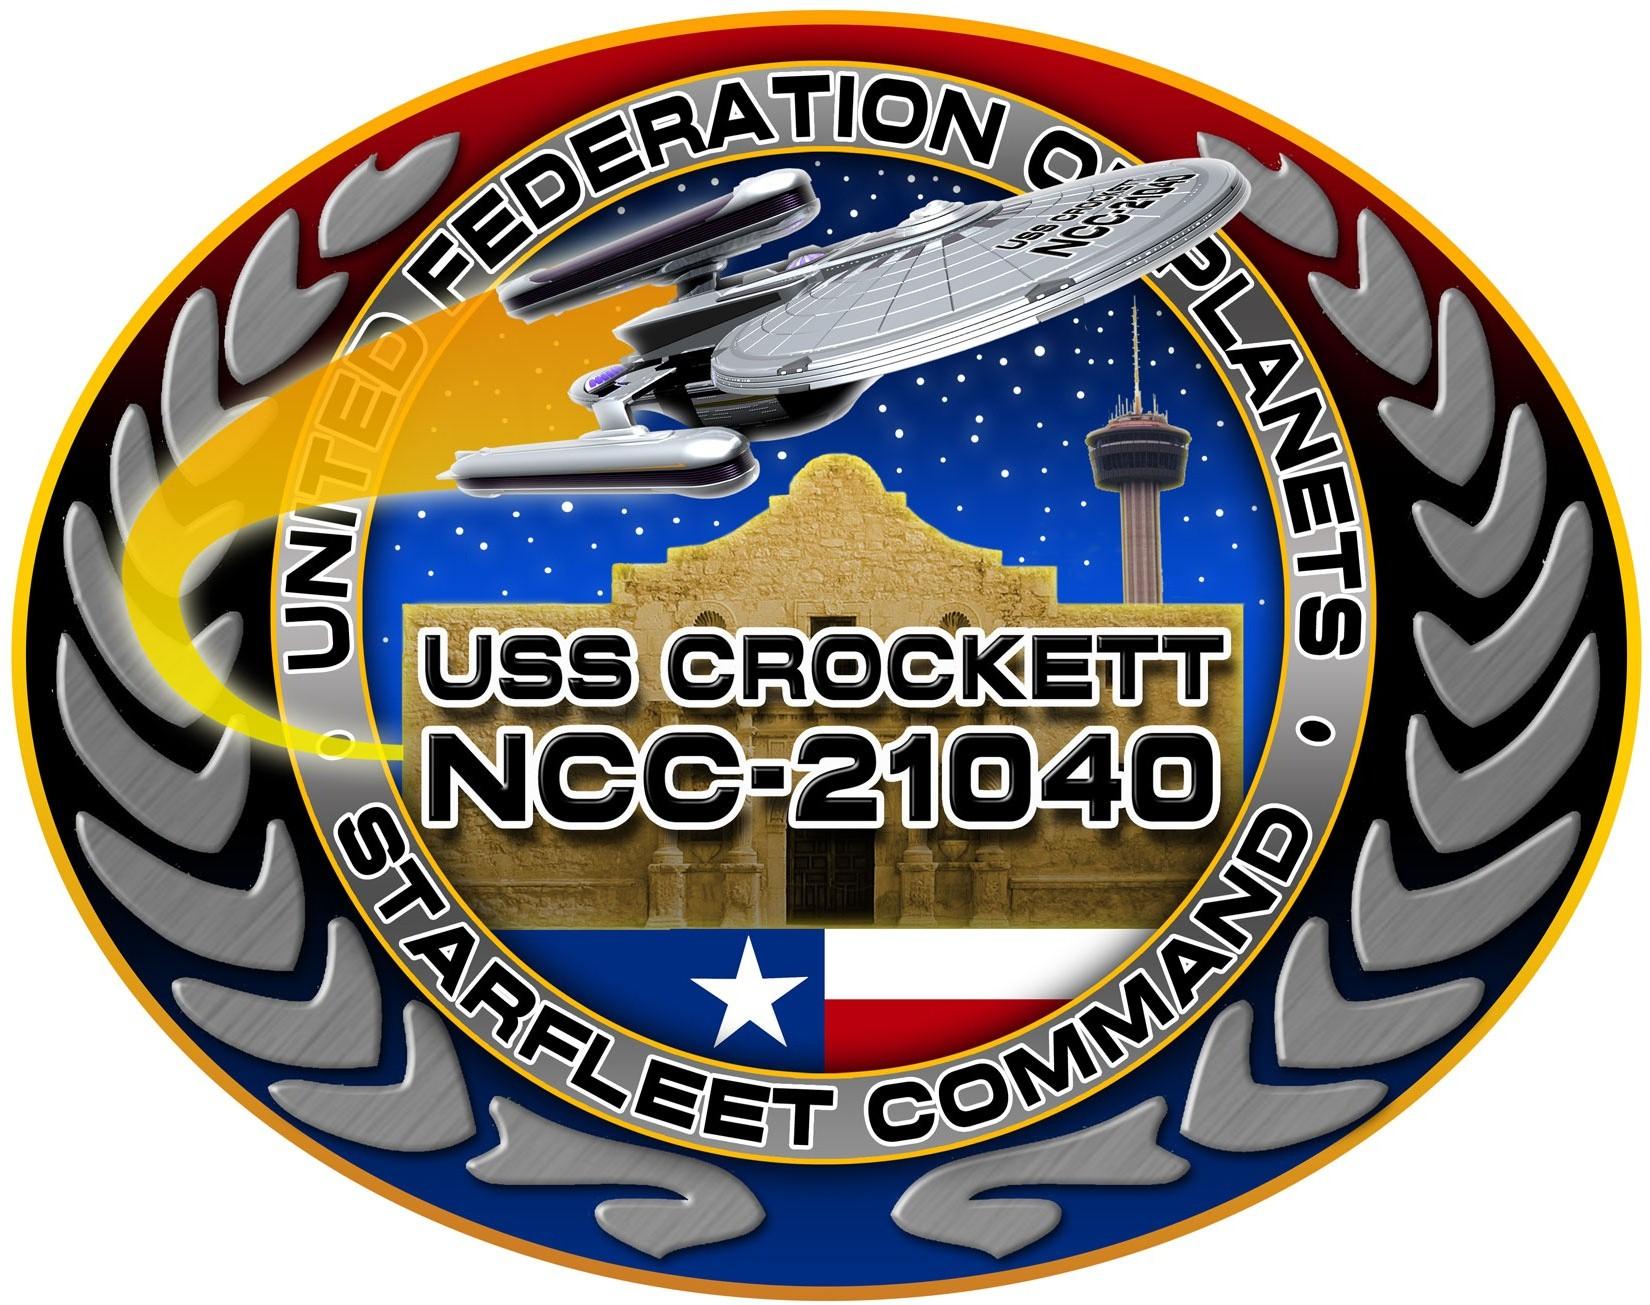 USS Crockett Logo 2